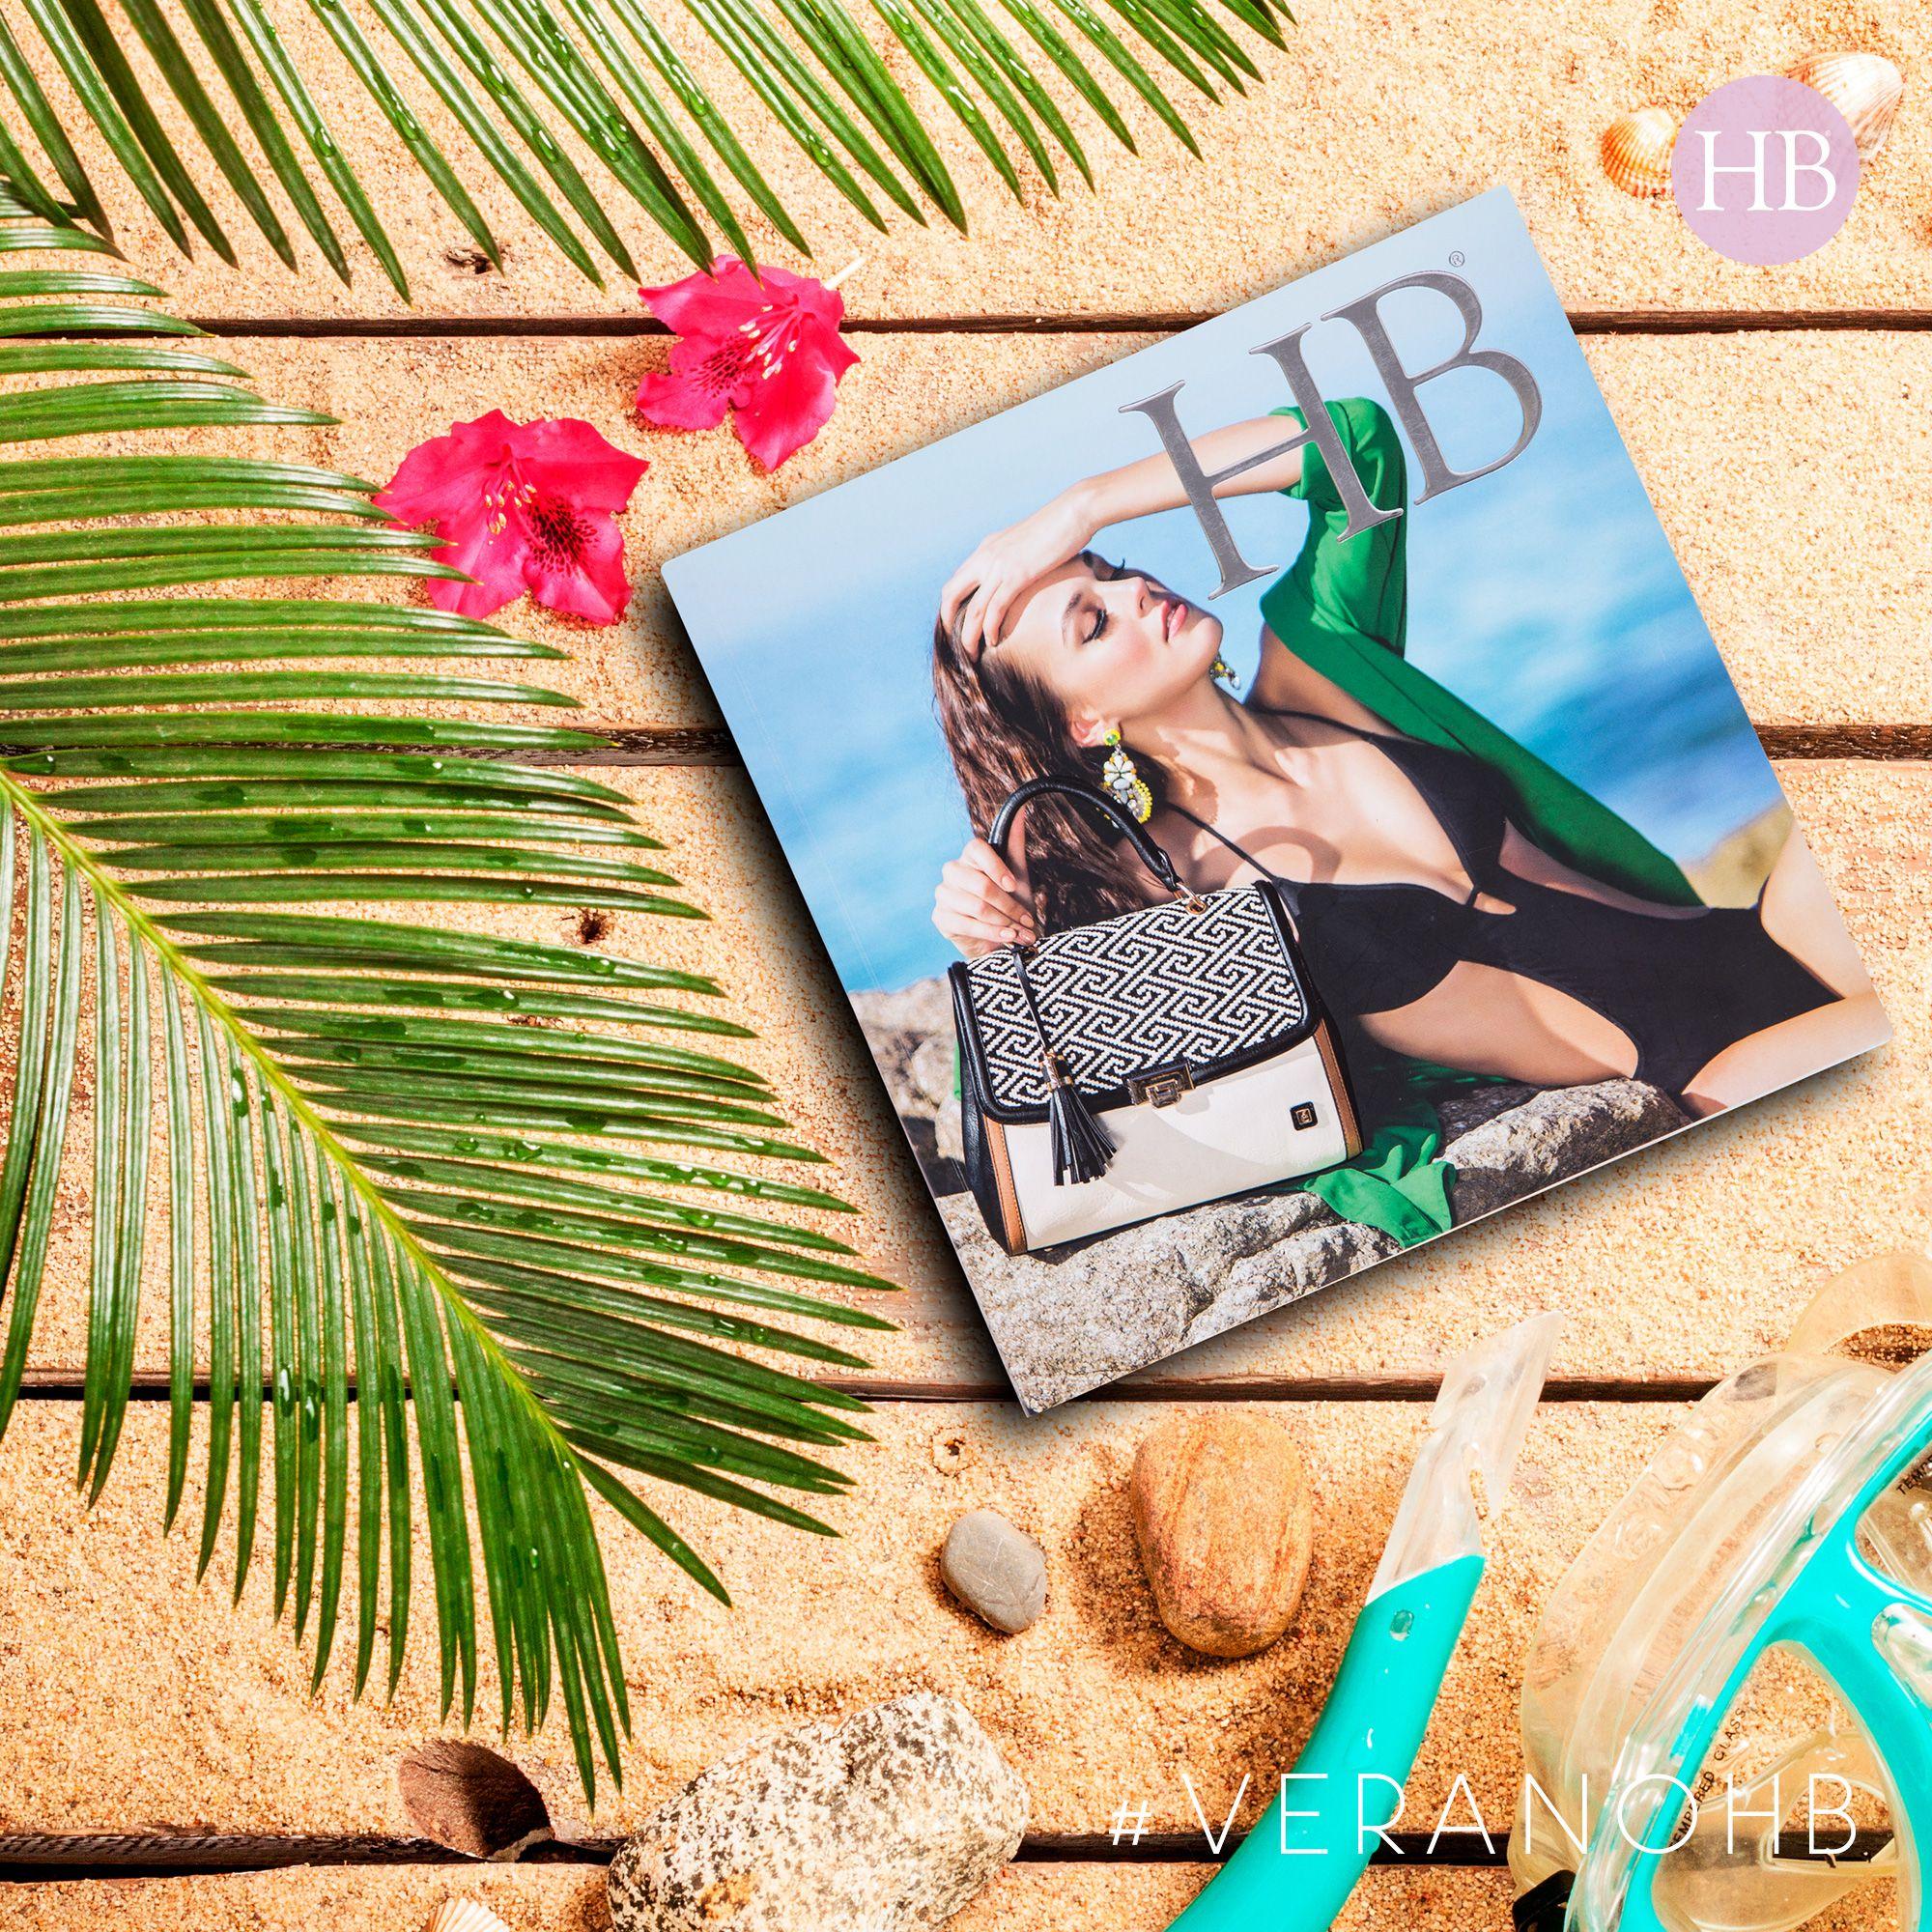 Preventa de catálogos temporada #VeranoHB Disponibles al 01800 4263224 Clic aquí y conócelos http://hbhandbags.com.mx/catalogos/  #SoyHechoEnMéxico🇲🇽